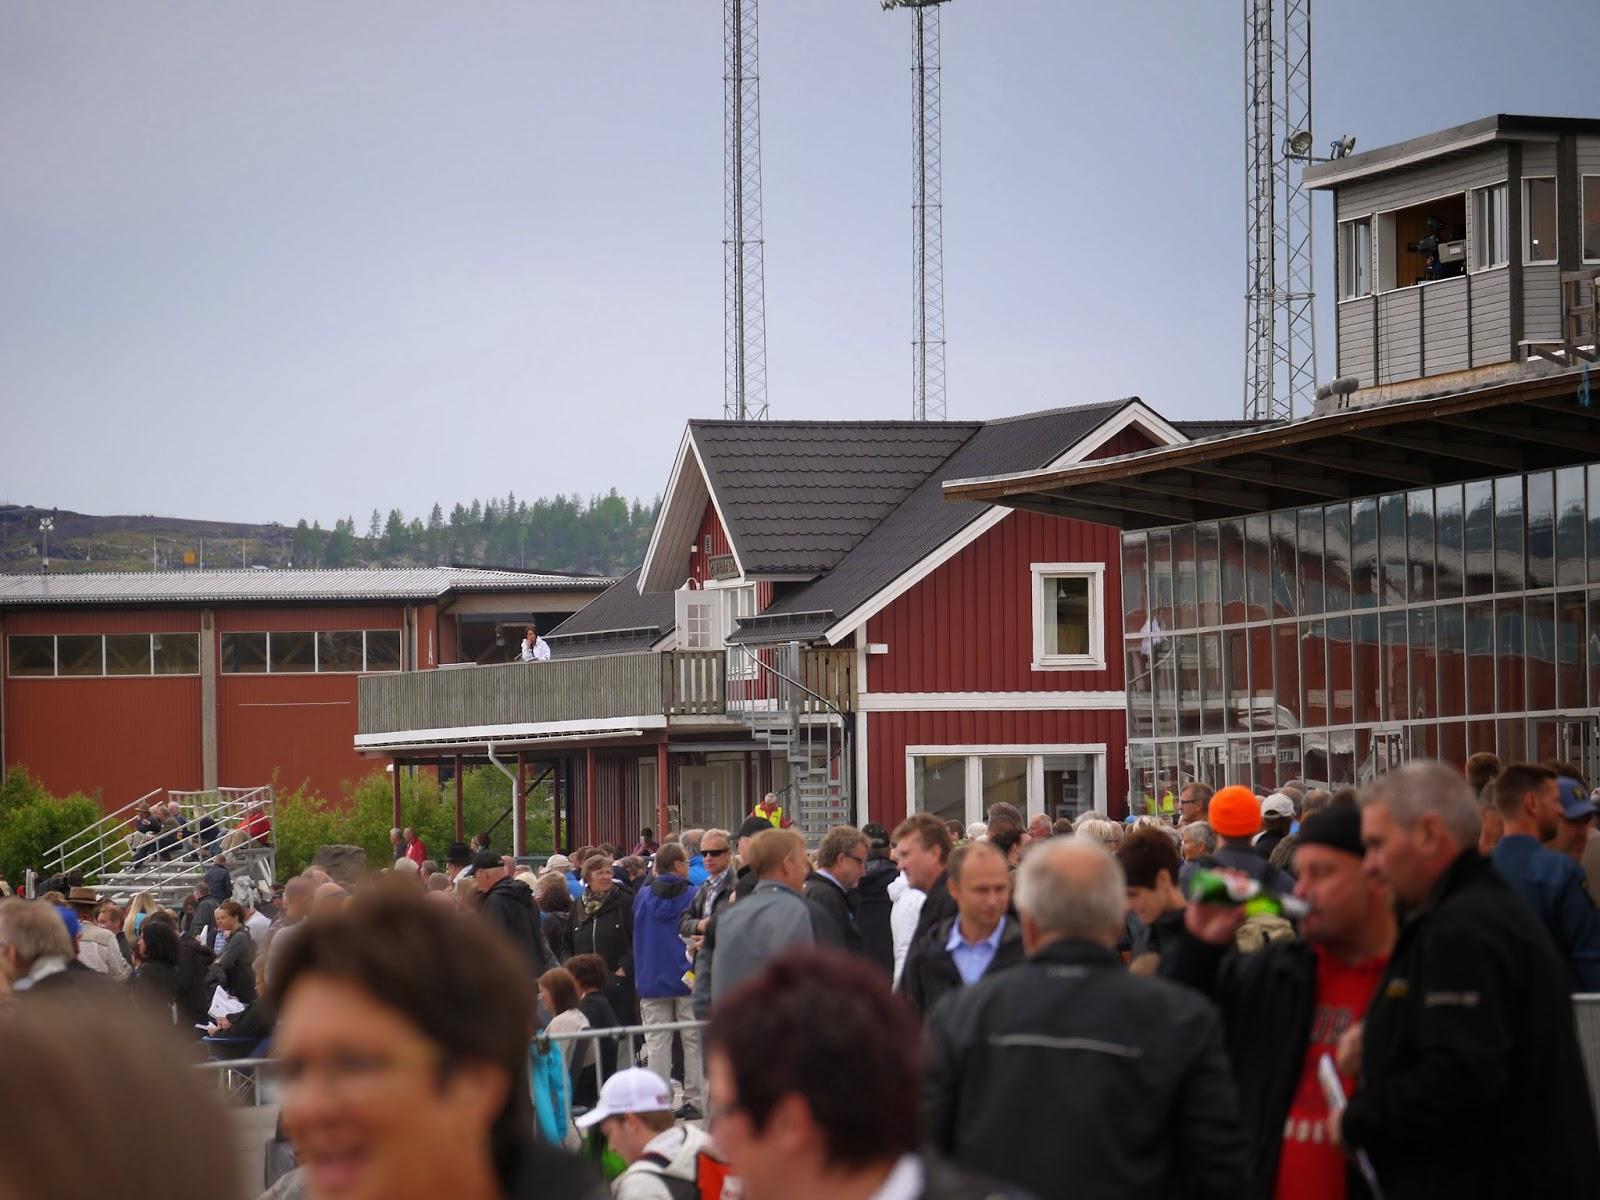 Svanå trädgård: järnvägsstationen i brännberg.